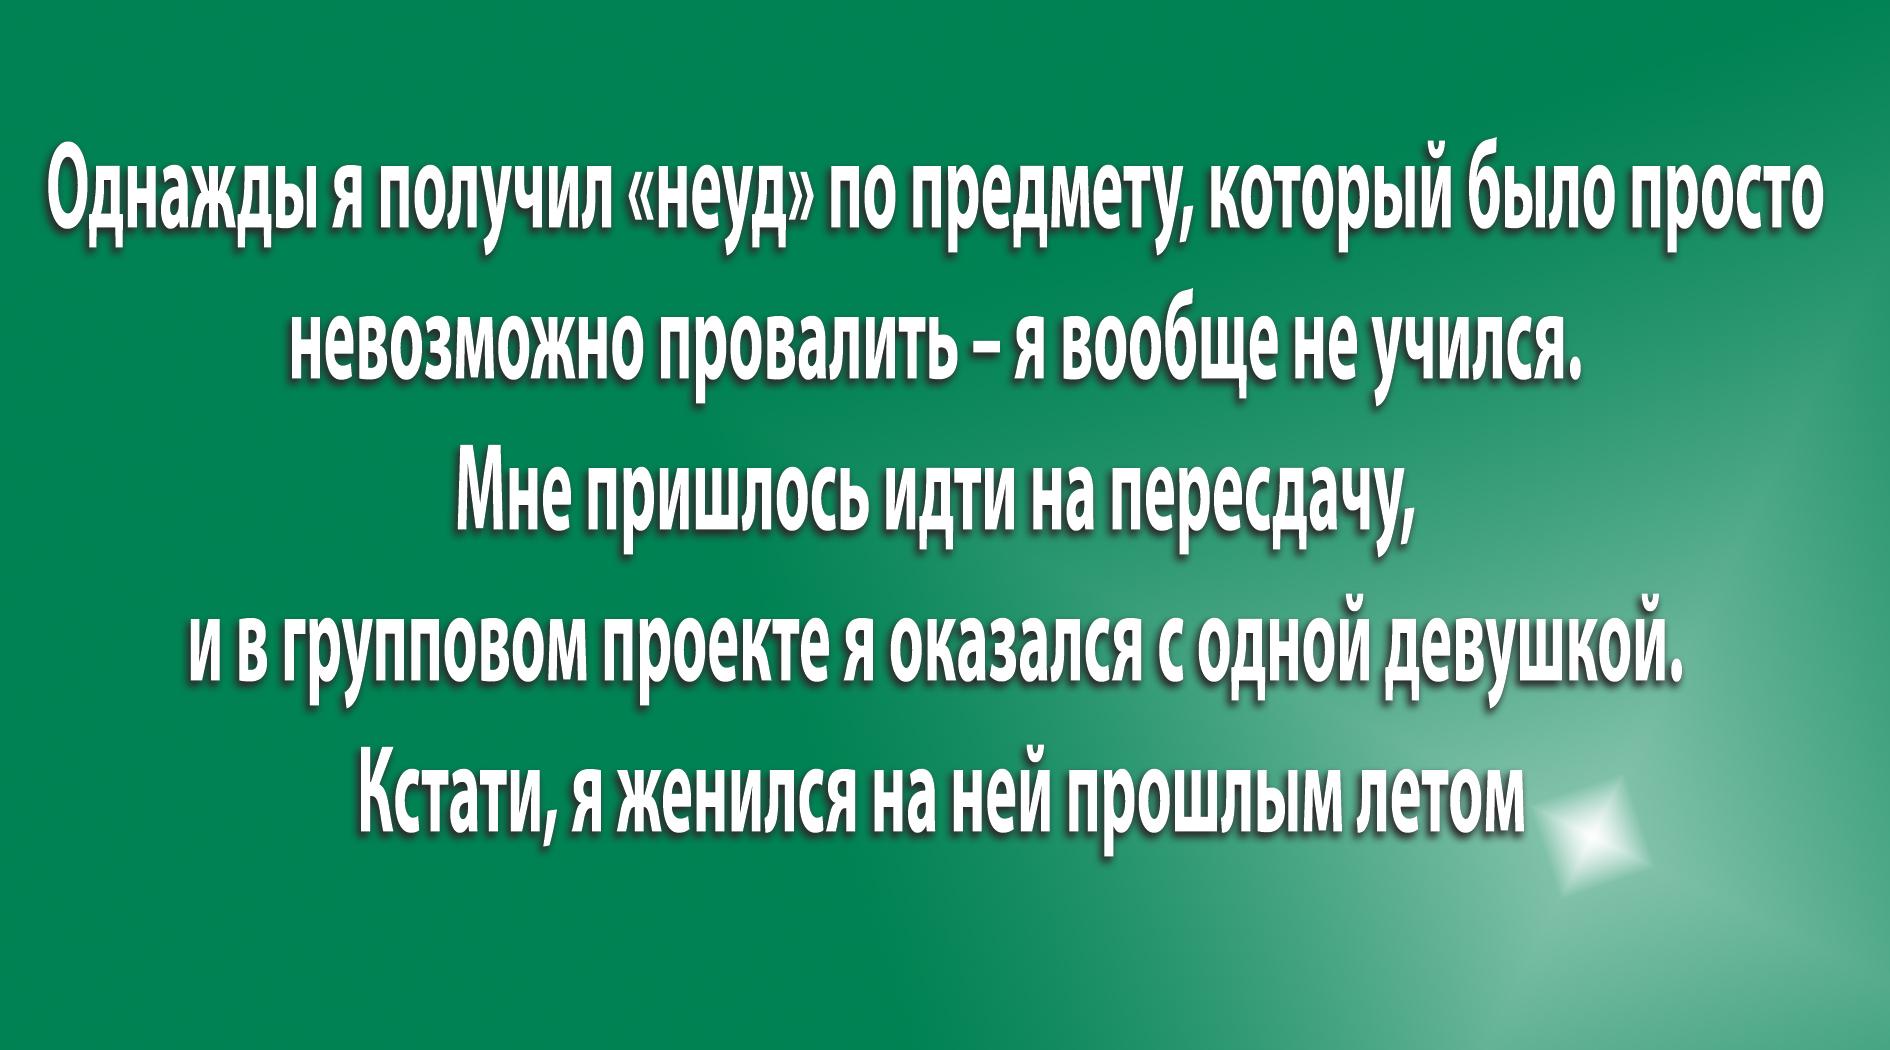 1593683144_554555.jpg